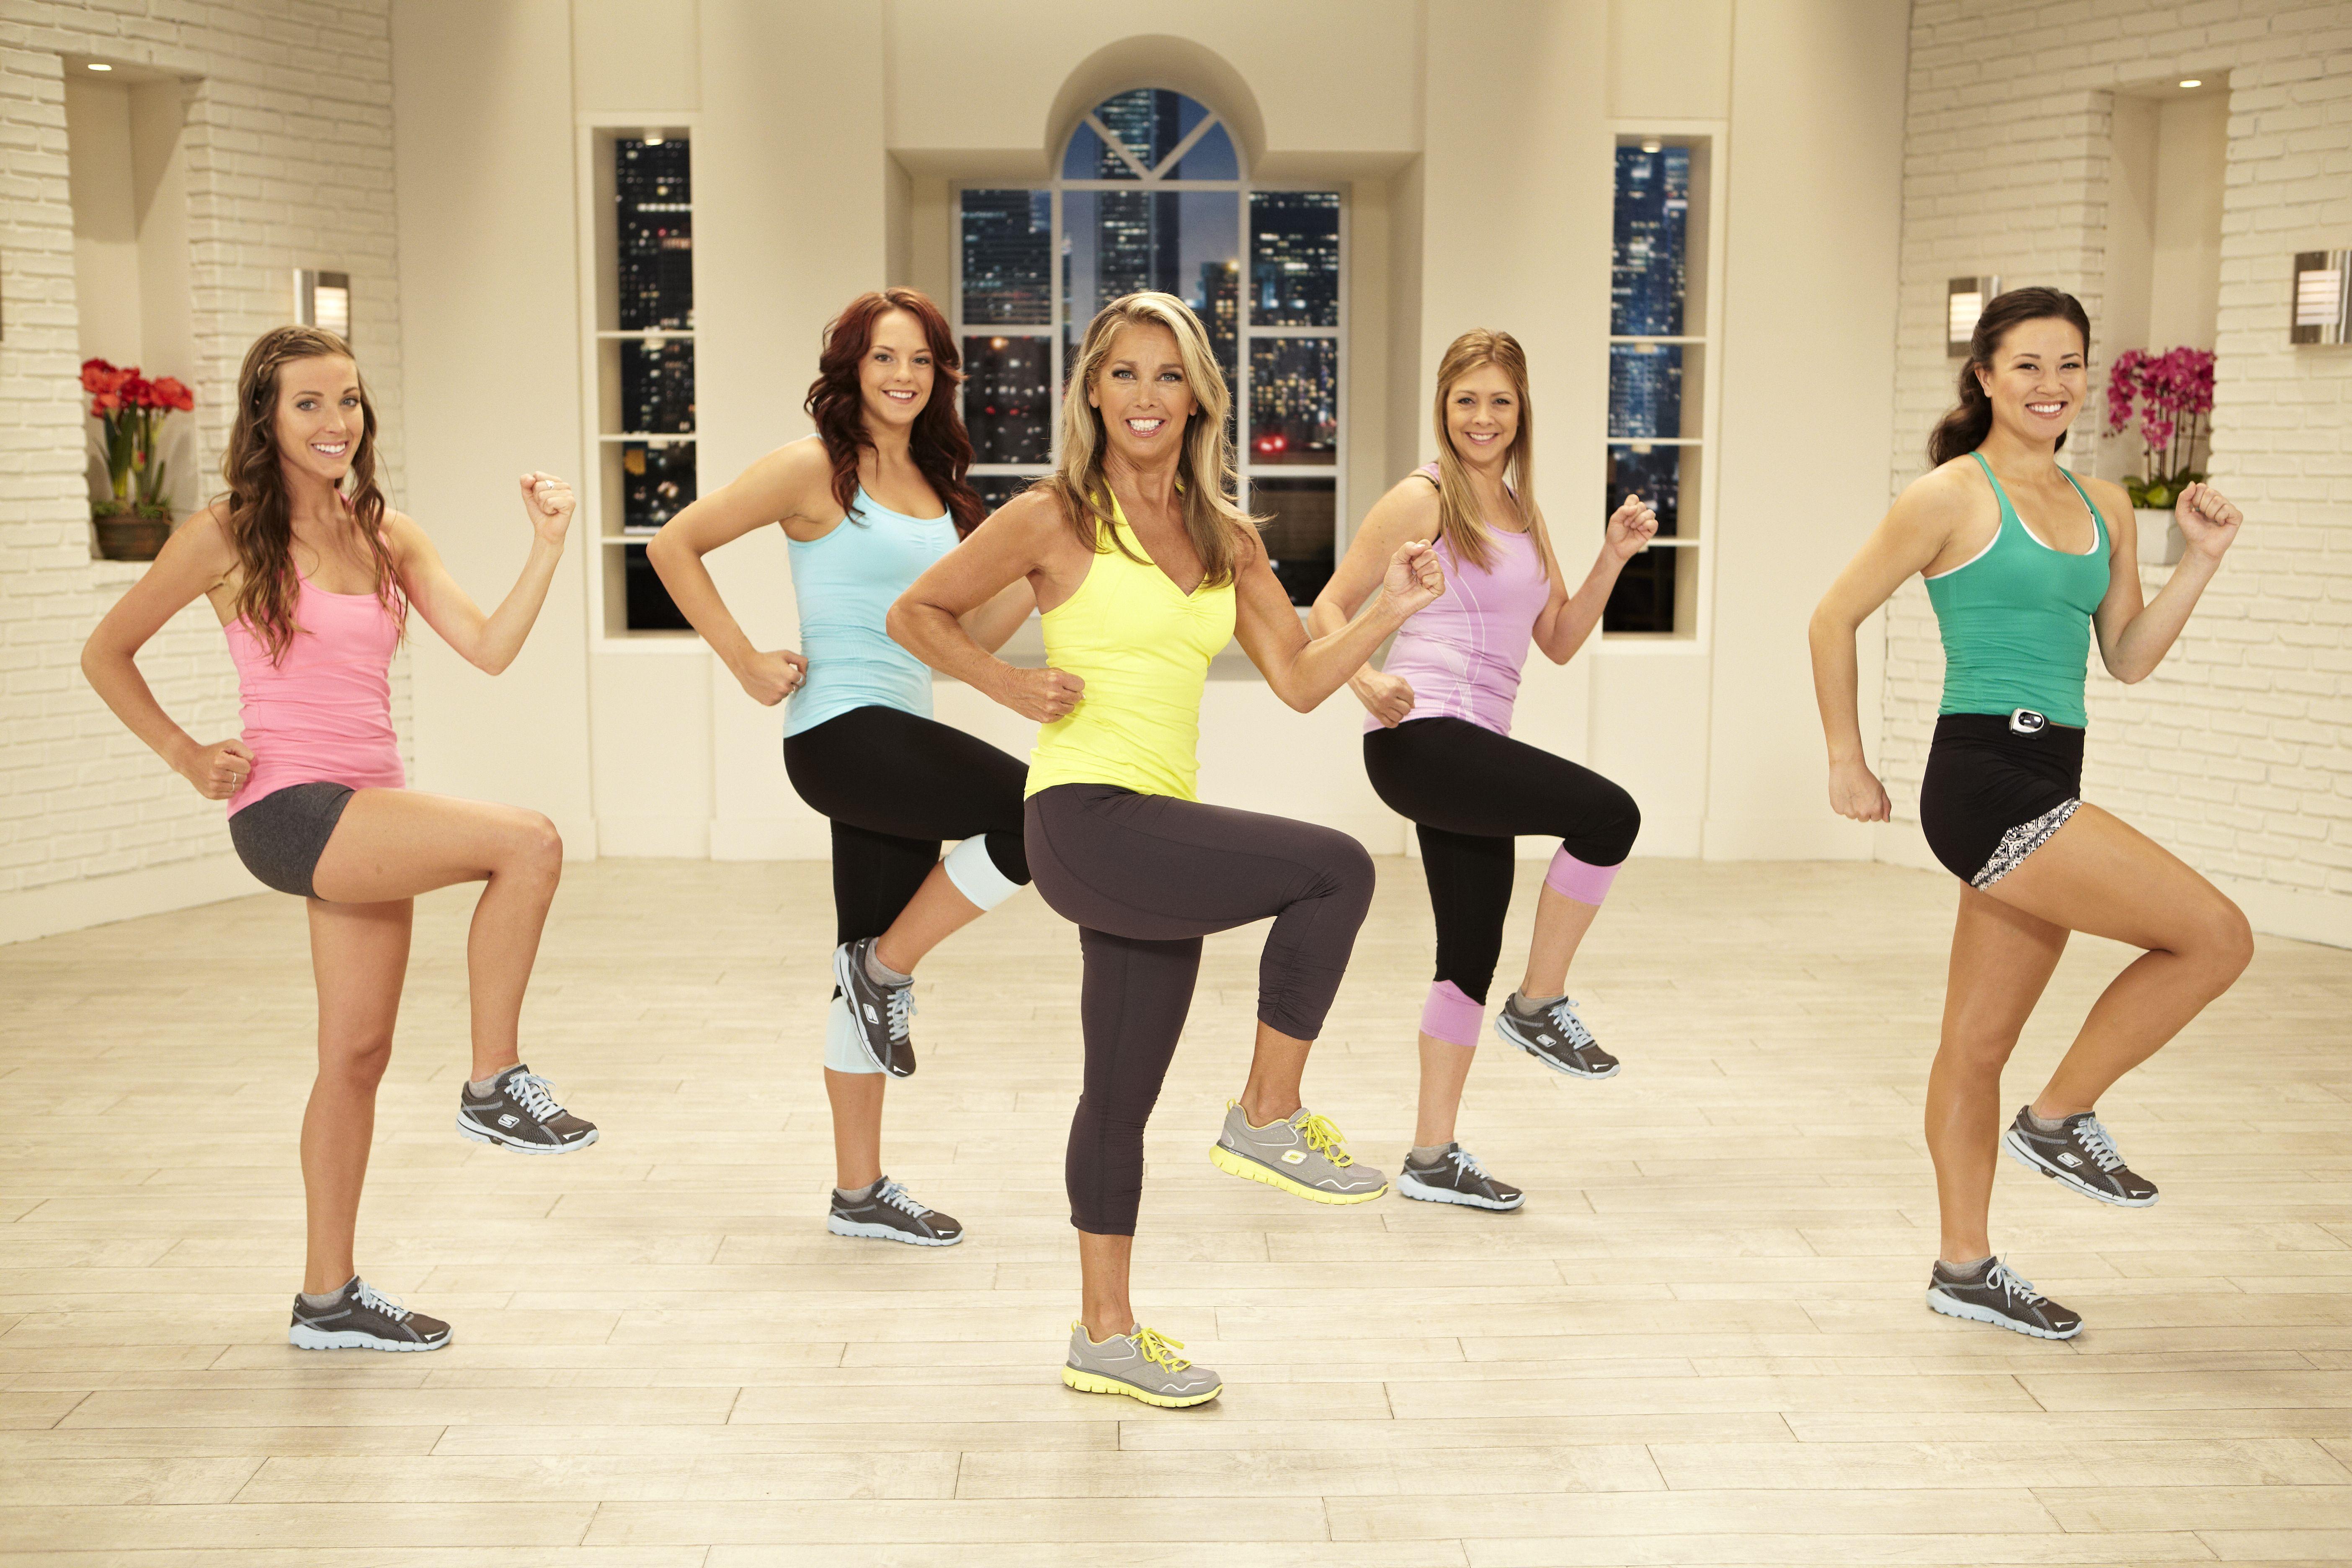 Видео про фитнес похудеть